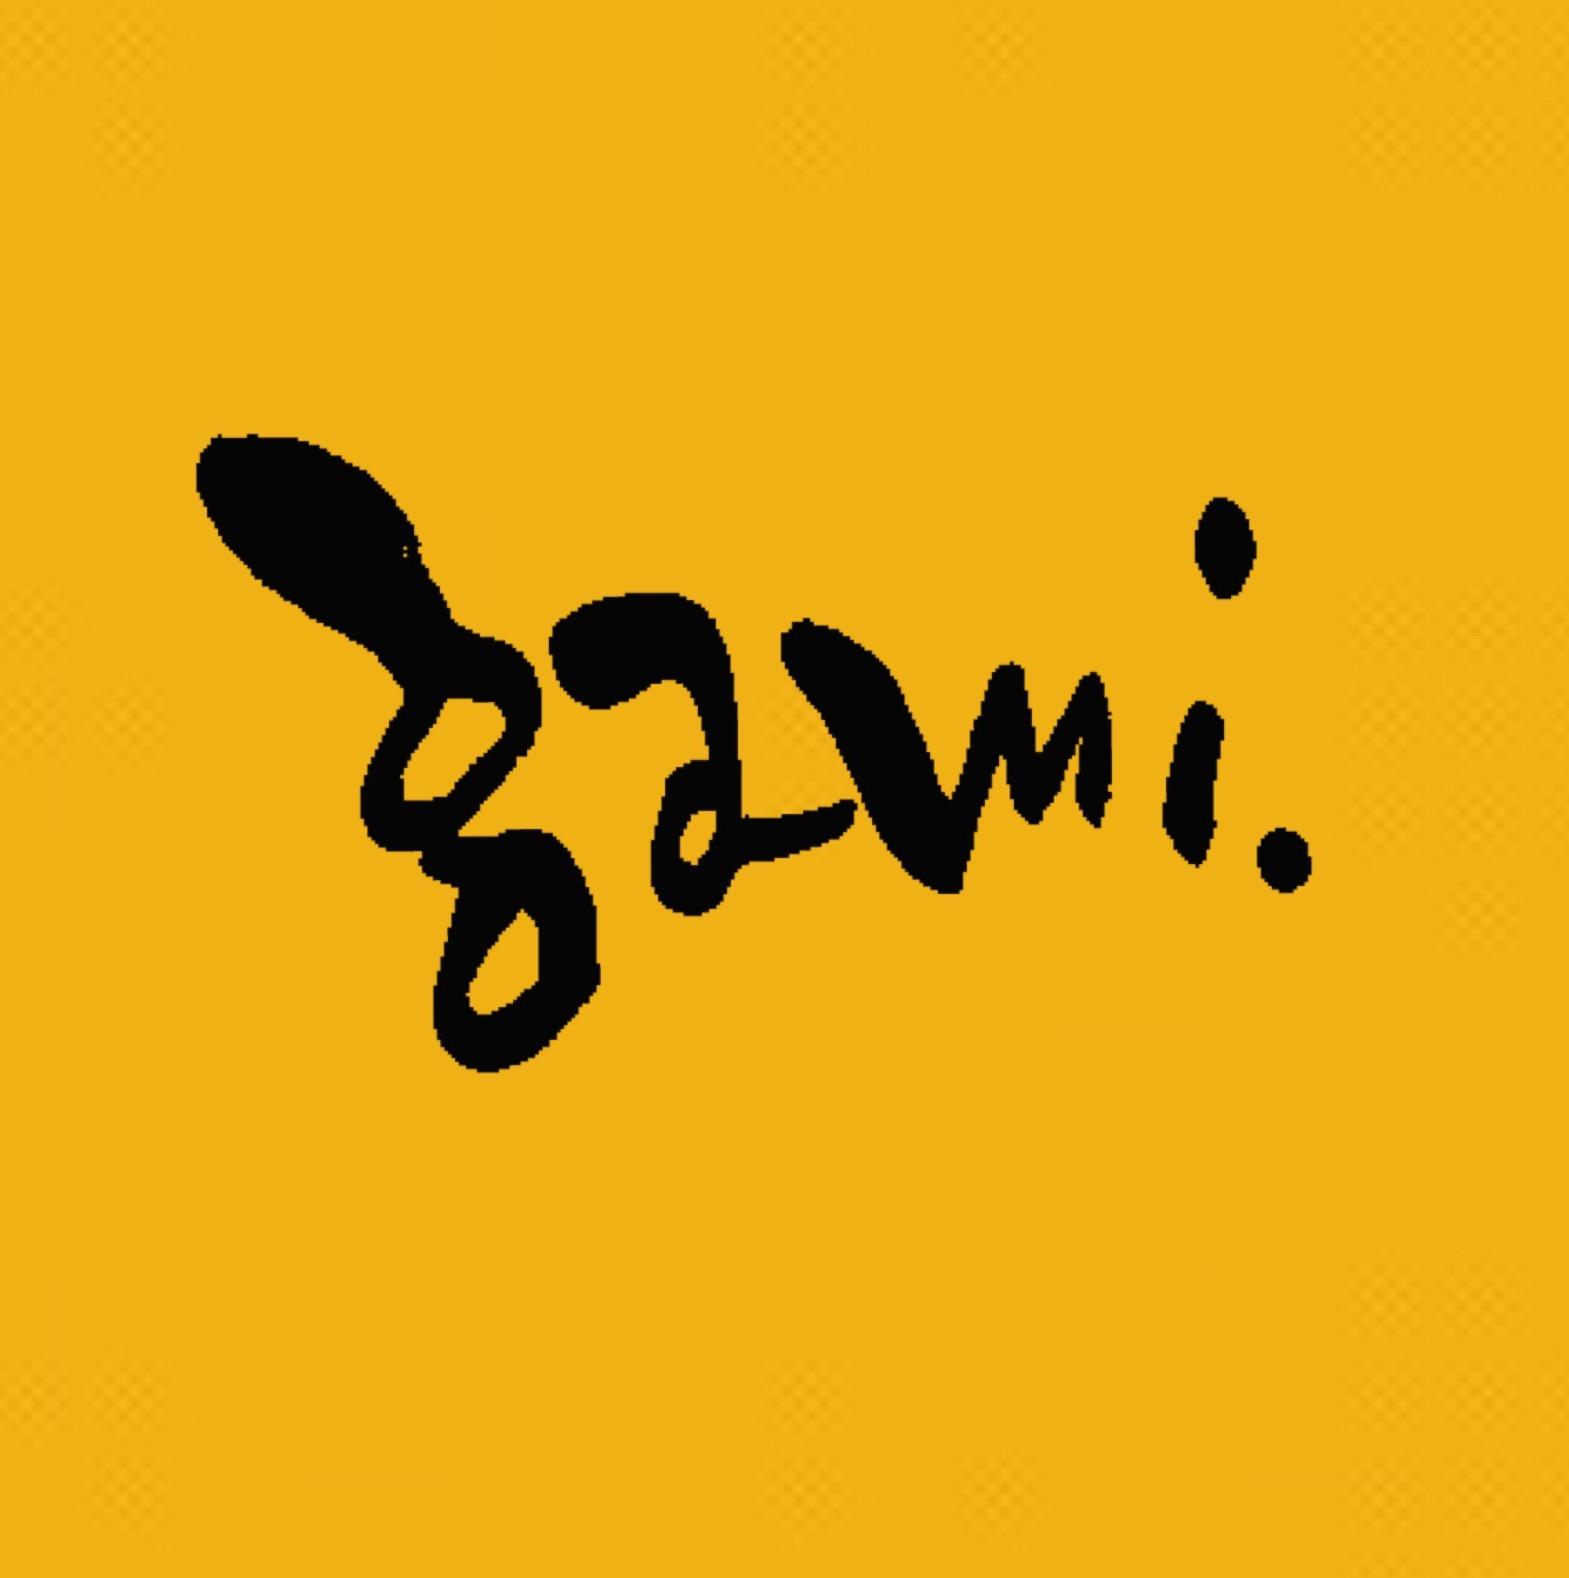 gamiの画像